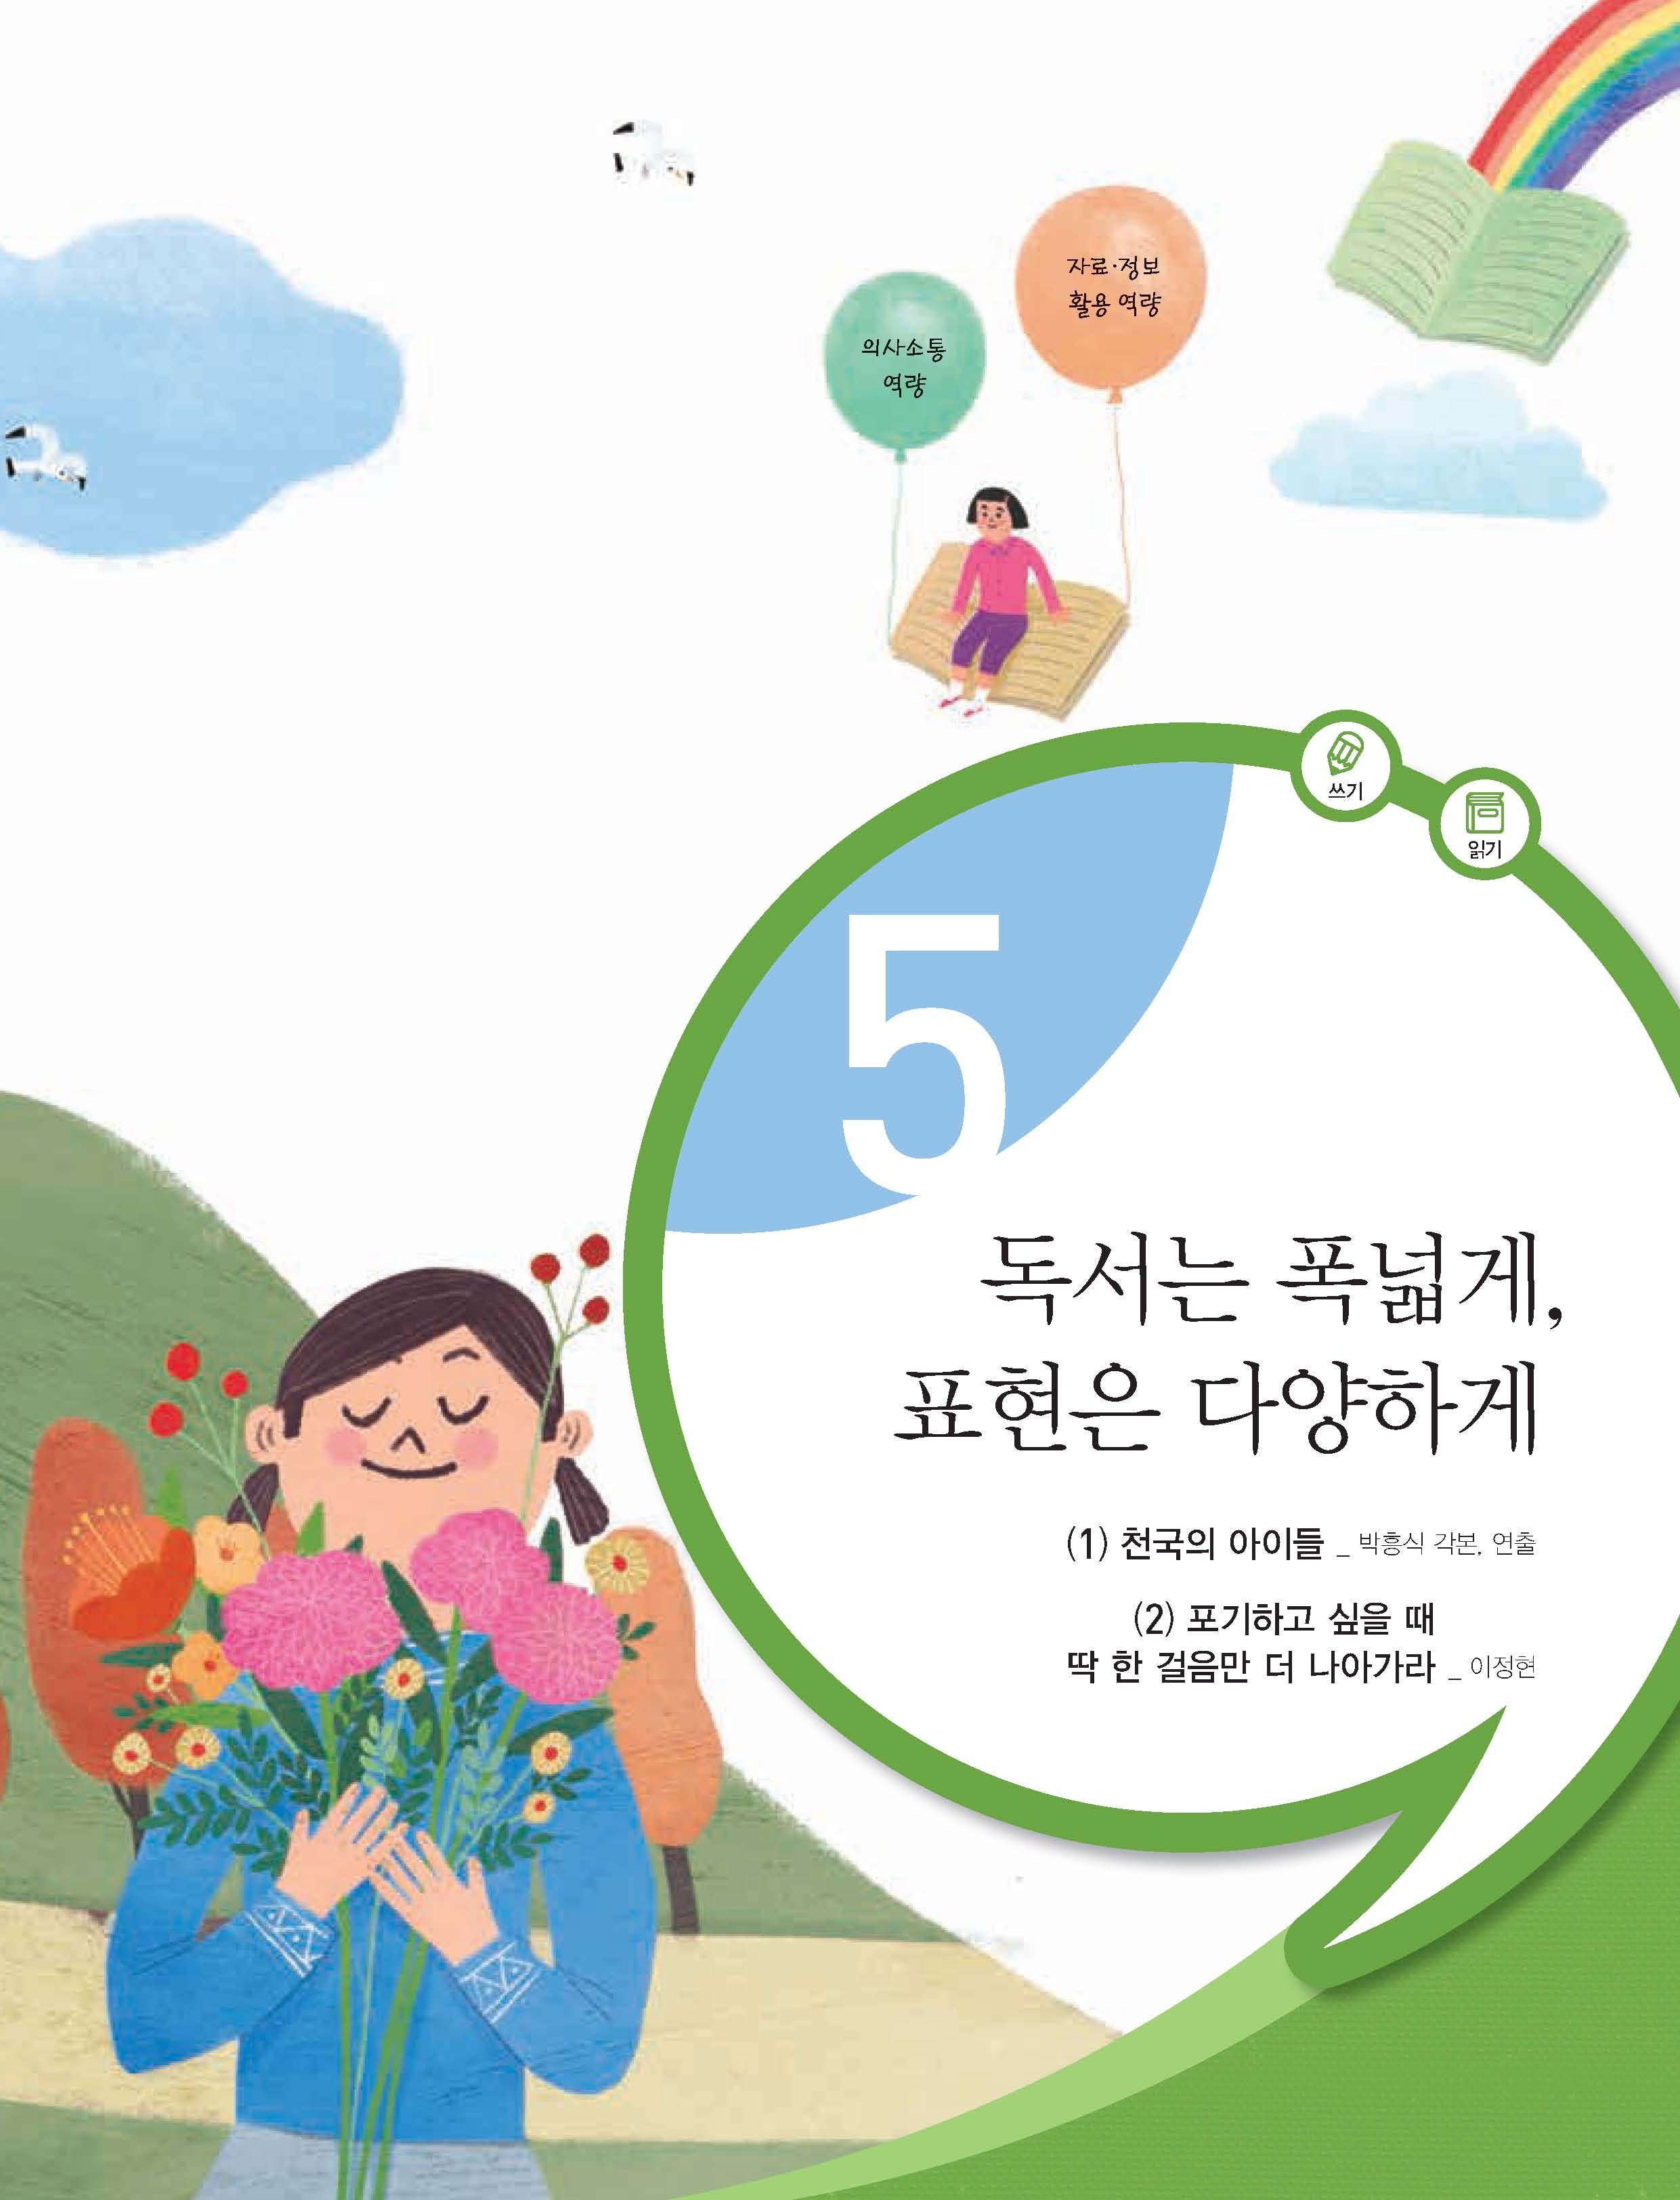 5.독서는 폭넓게, 표현은 다양하게 제목 이미지